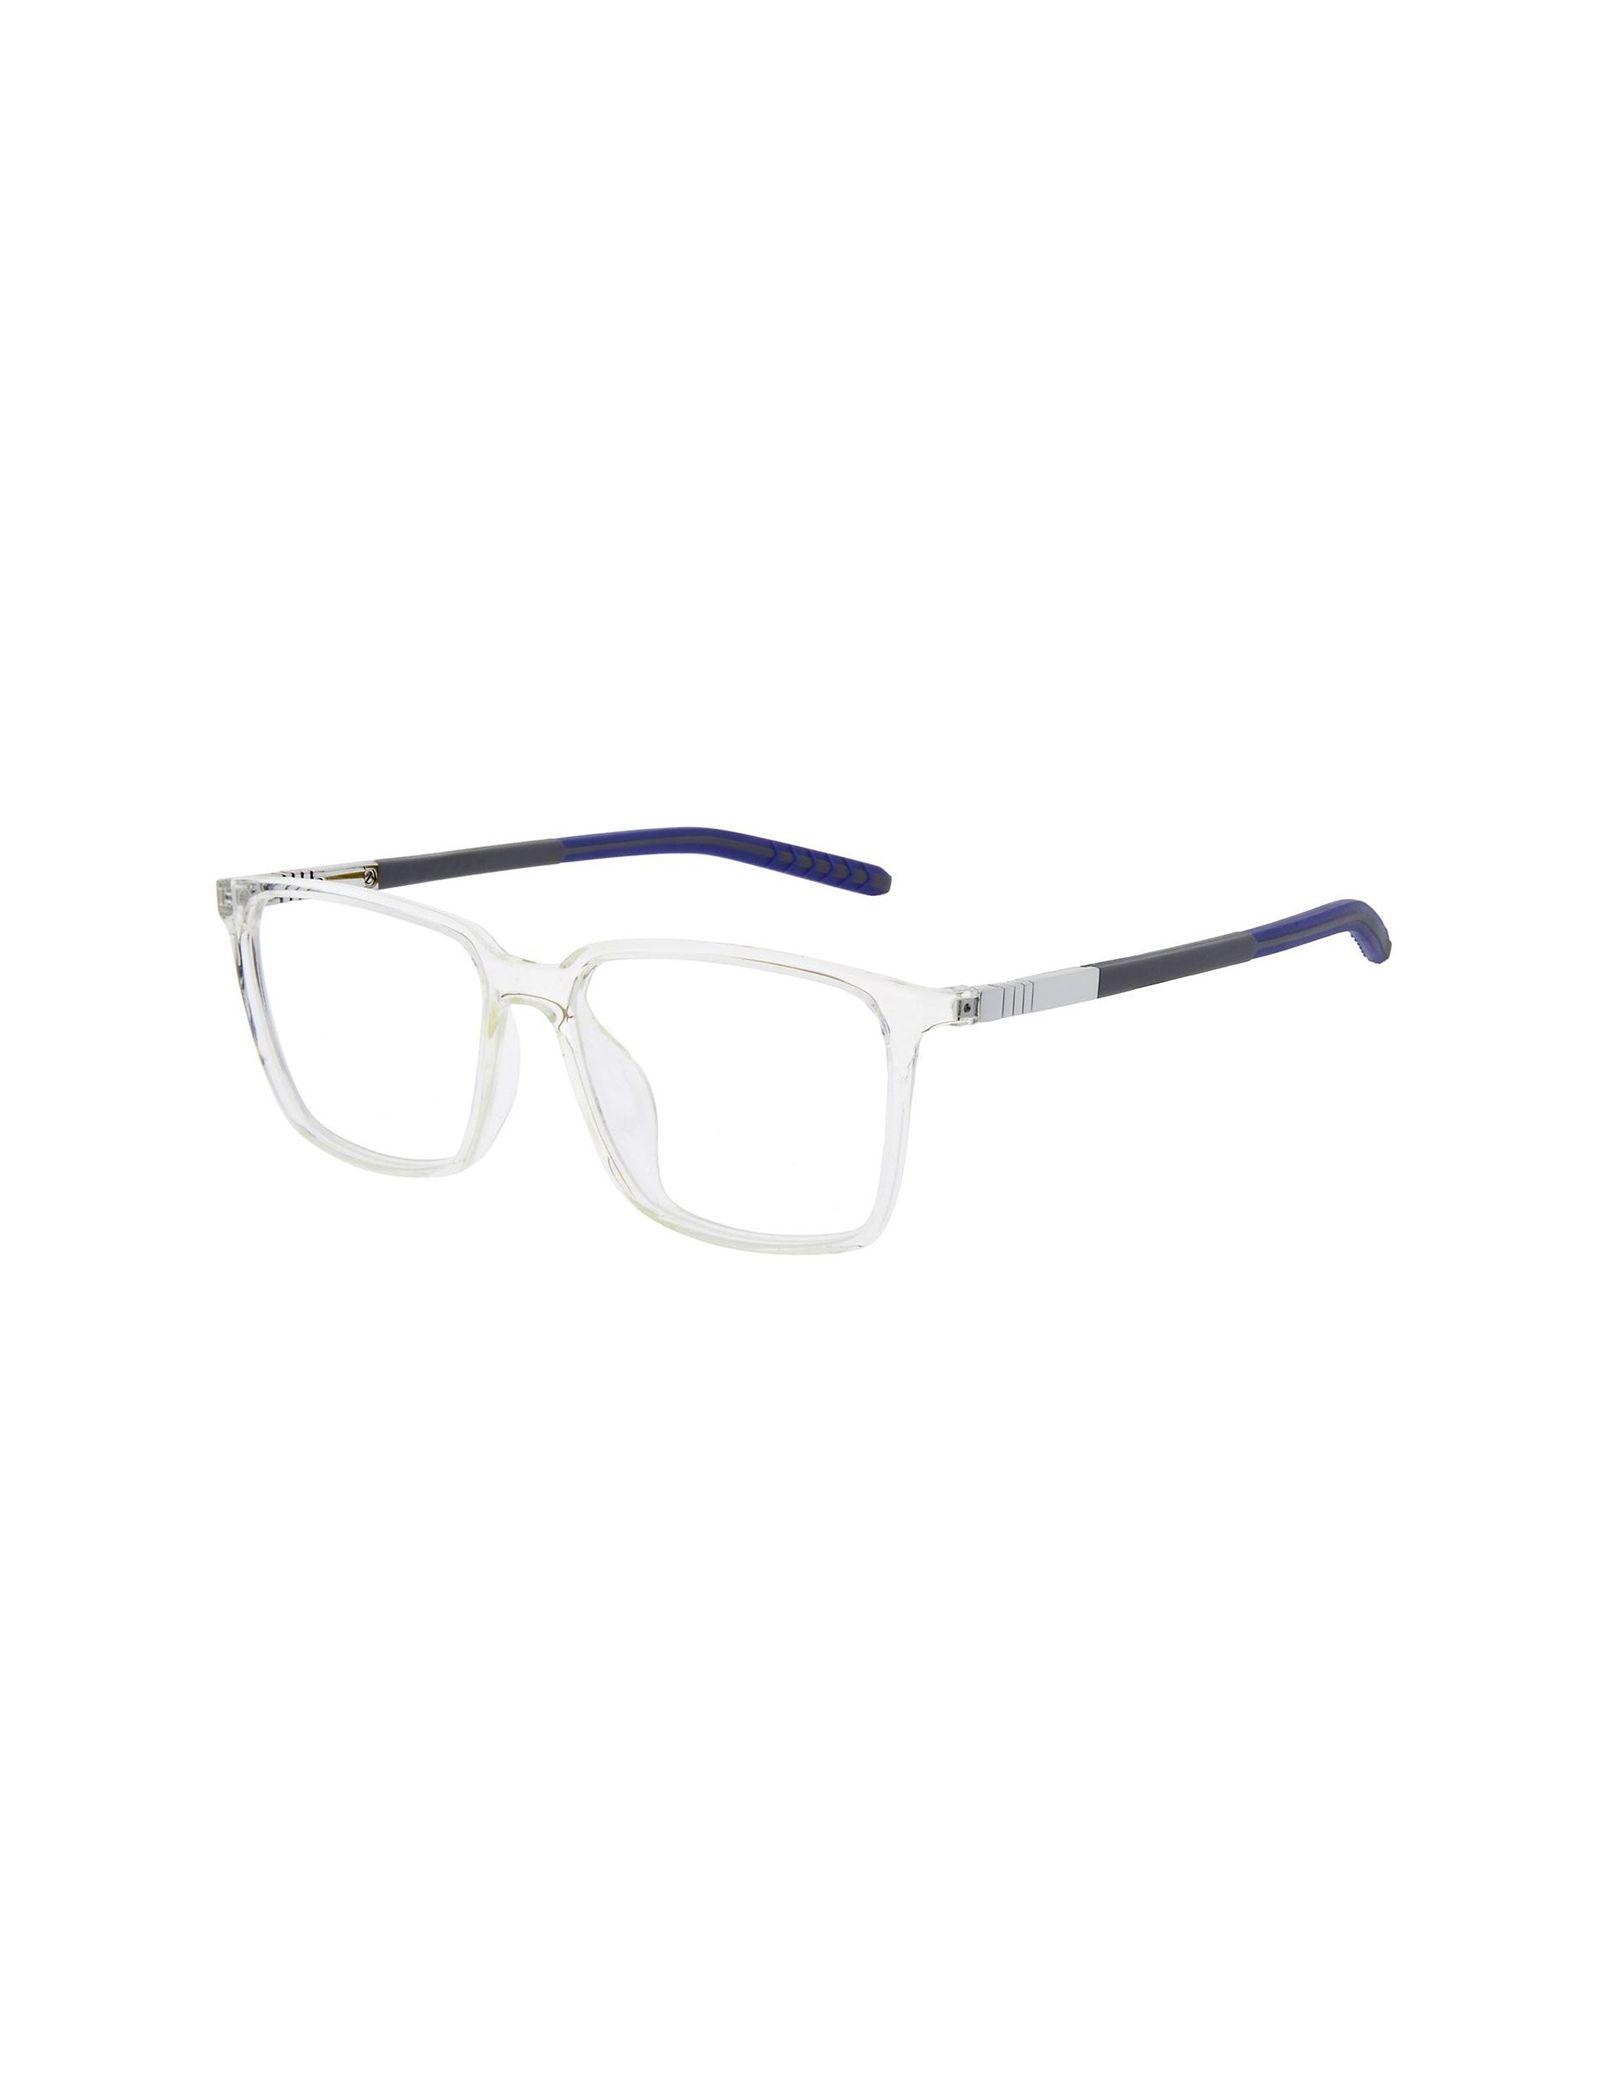 عینک طبی ویفرر مردانه - اسپاین - بي رنگ - 1